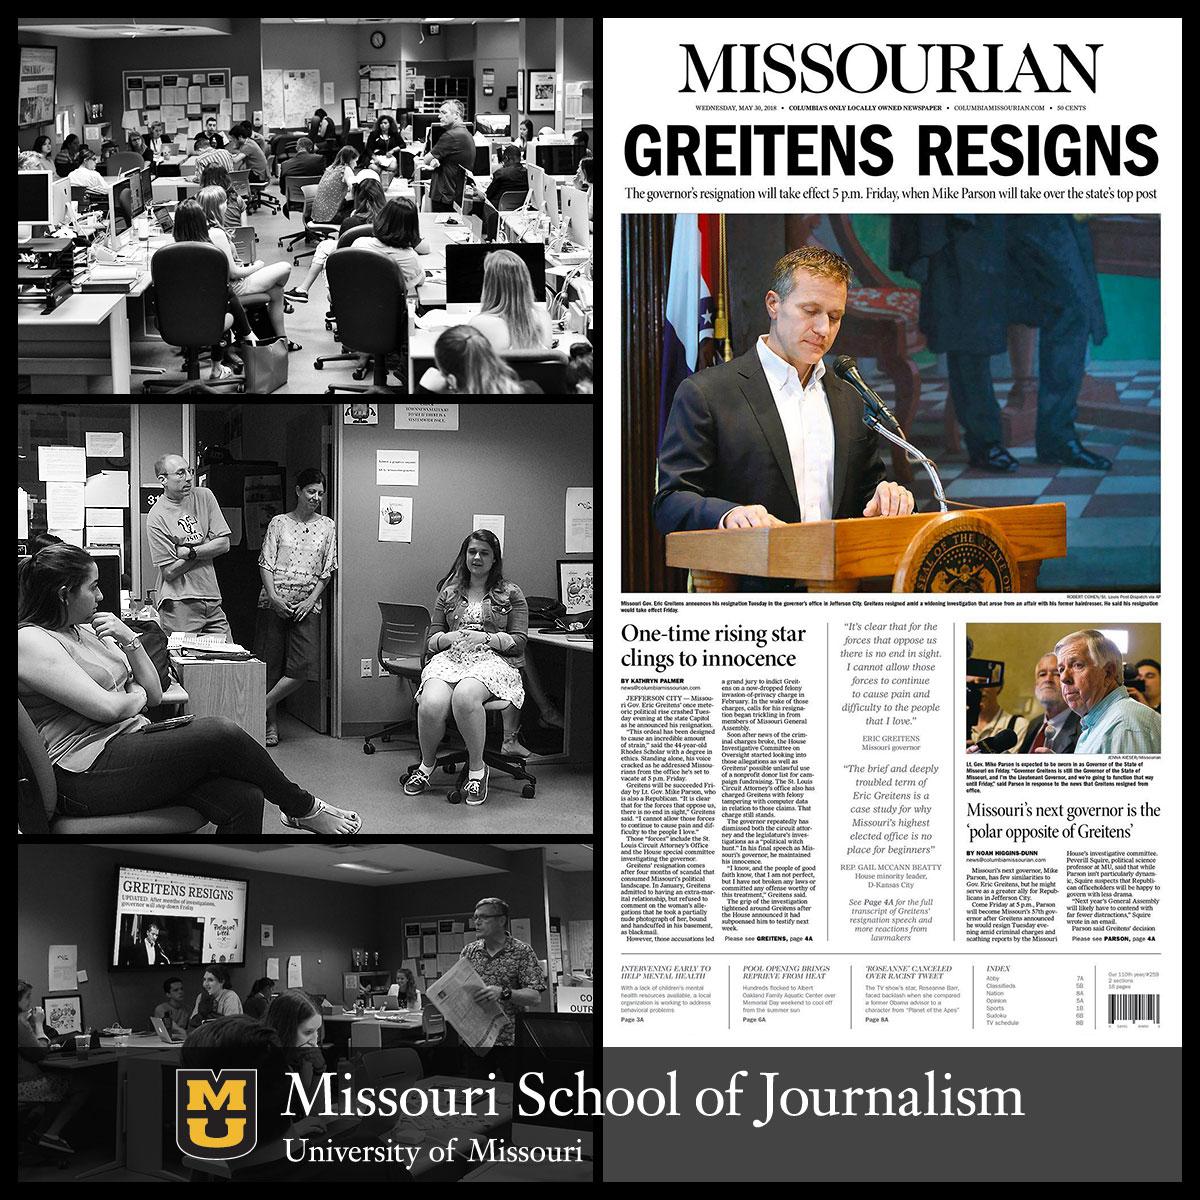 Resignation of Missouri Gov. Eric Greitens